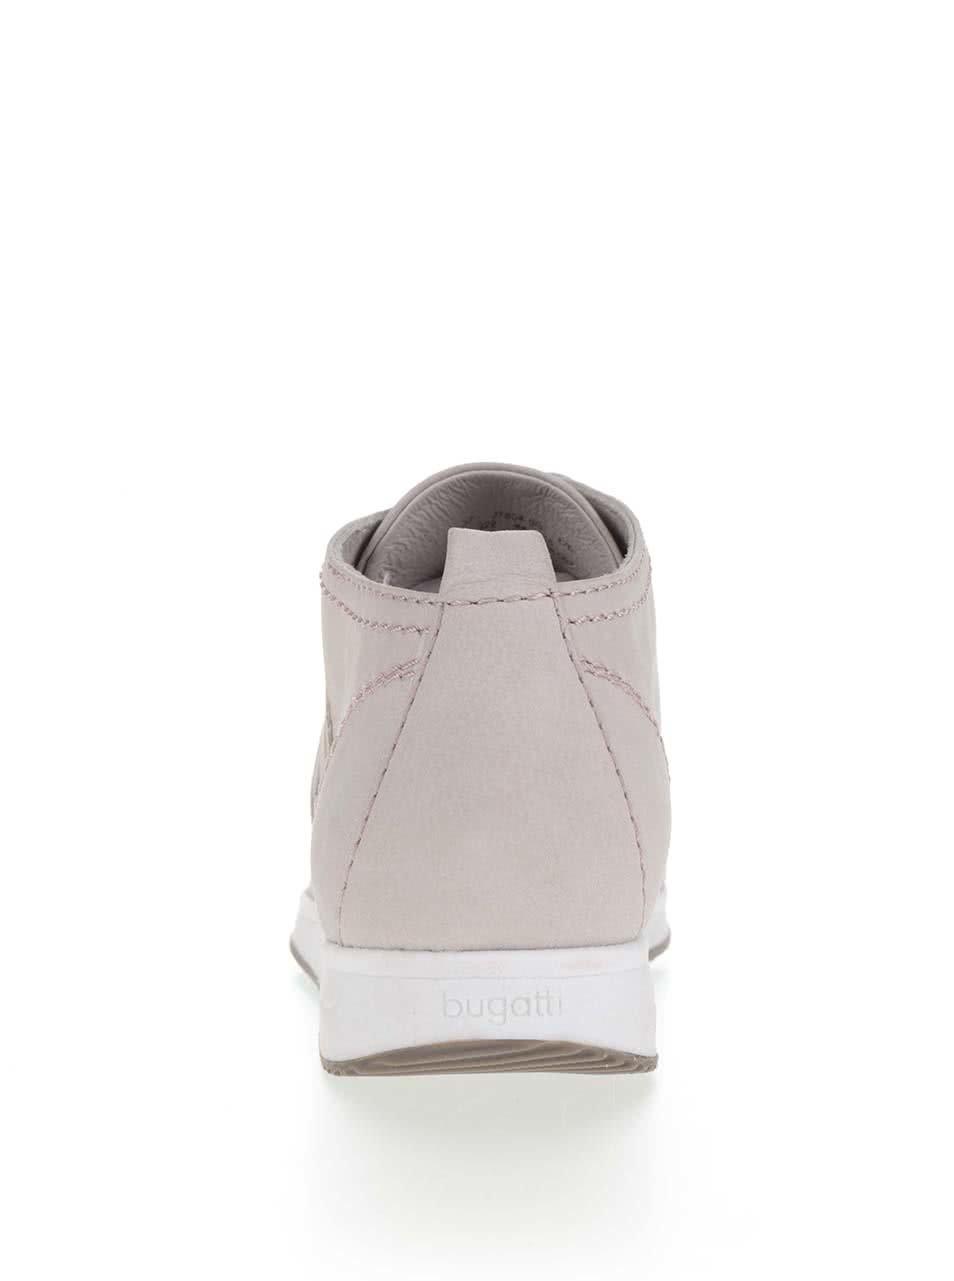 72003b8905 Sivé dámske kožené členkové topánky s potlačou loga bugatti Fina ...